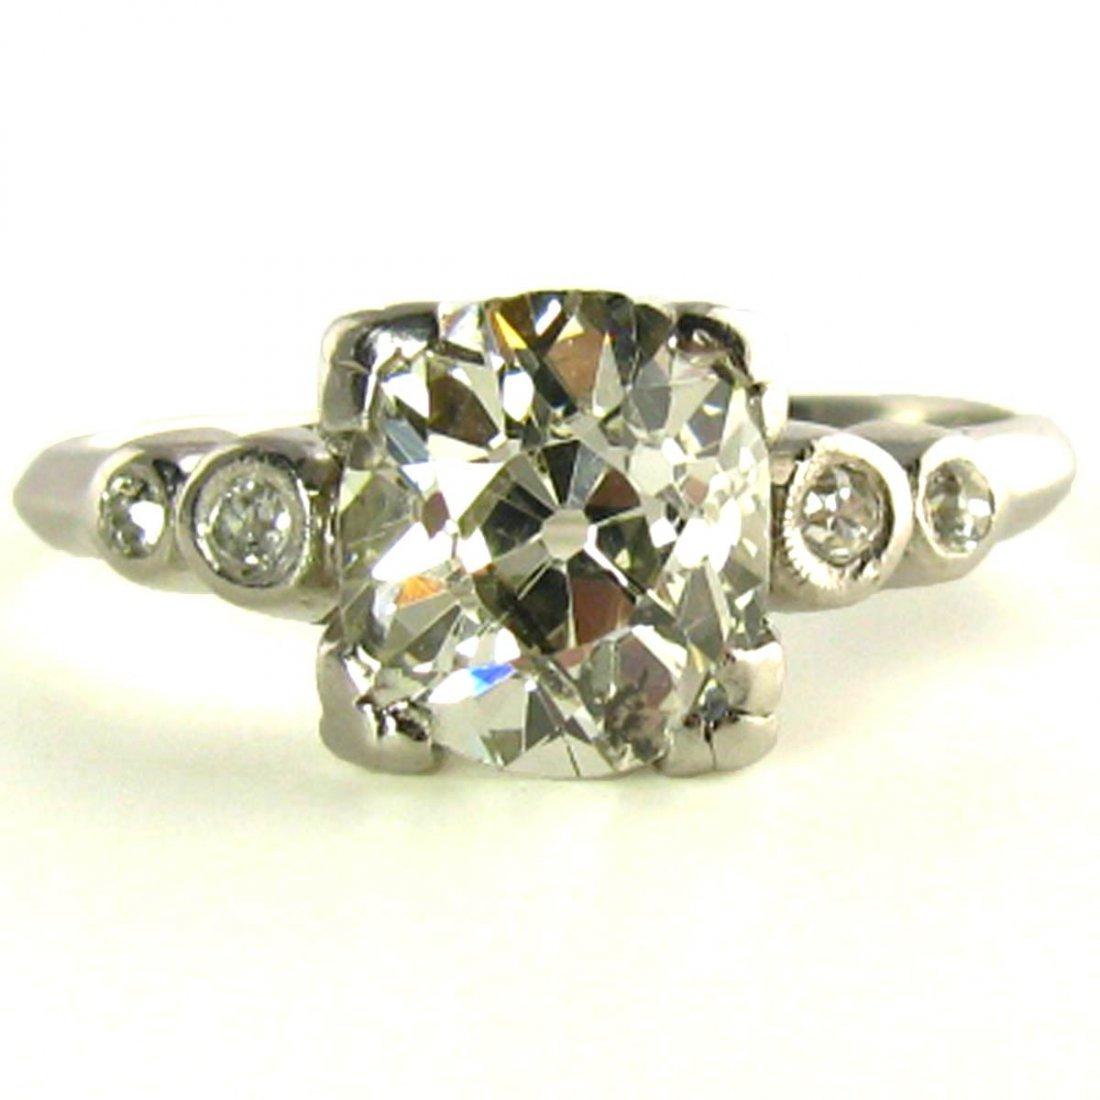 2.3 Carat Antique Diamond Ring Appraised $18500